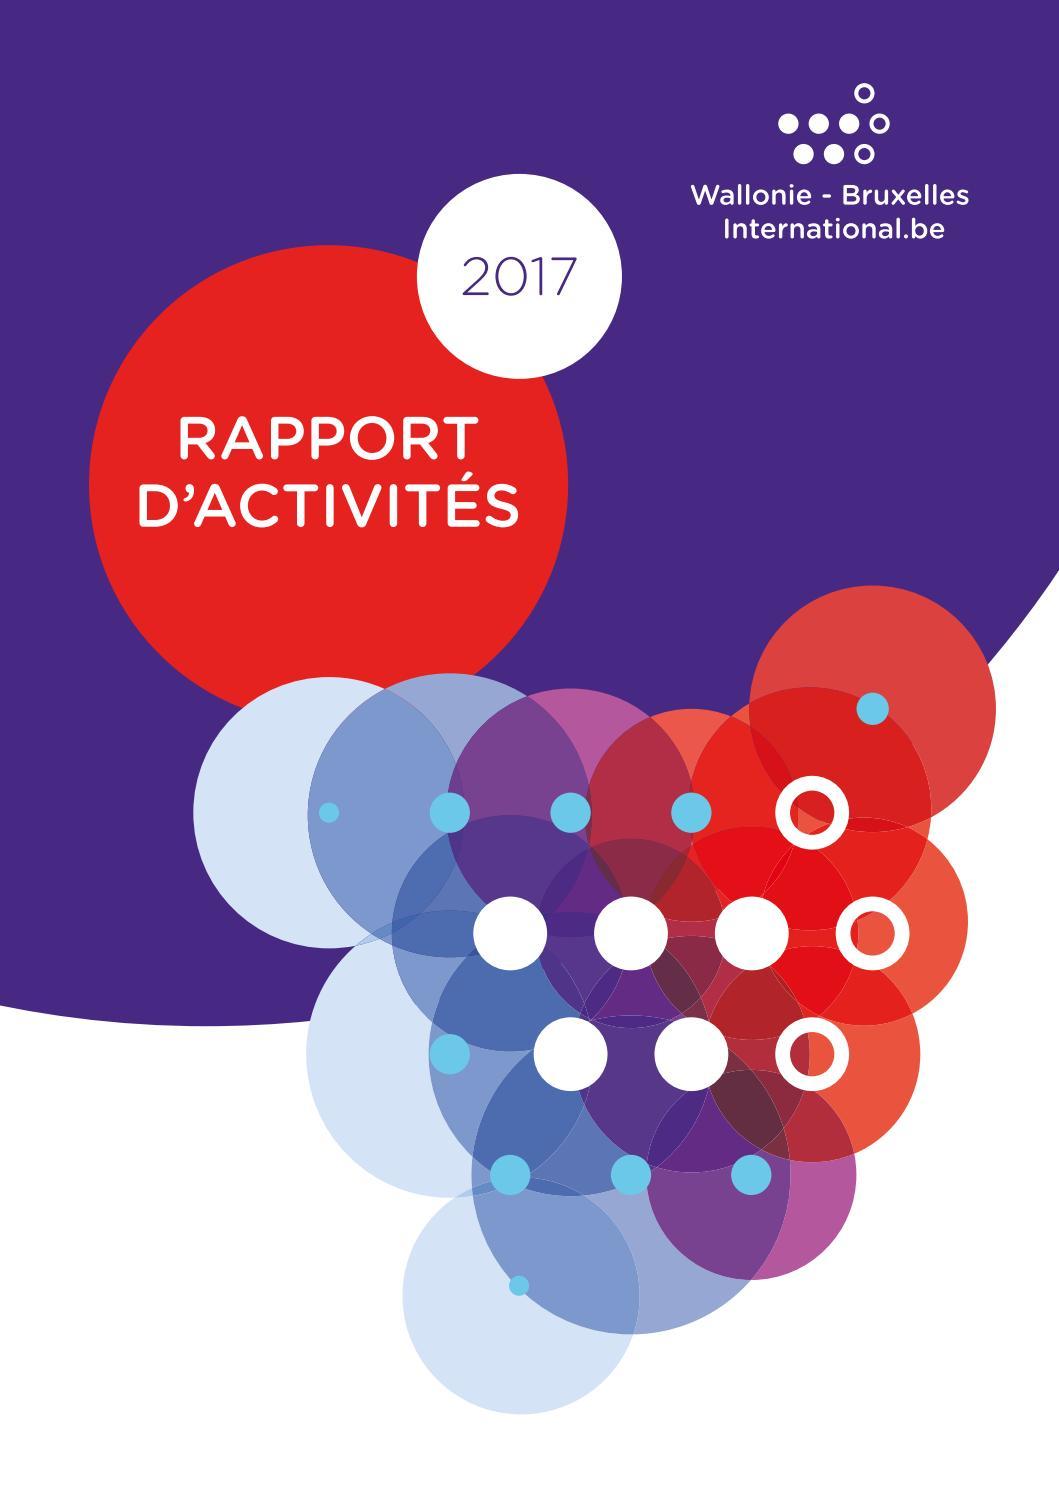 Rapport d activités 2017 de Wallonie-Bruxelles International by  Wallonie-Bruxelles International - issuu 8f2f6347a64d